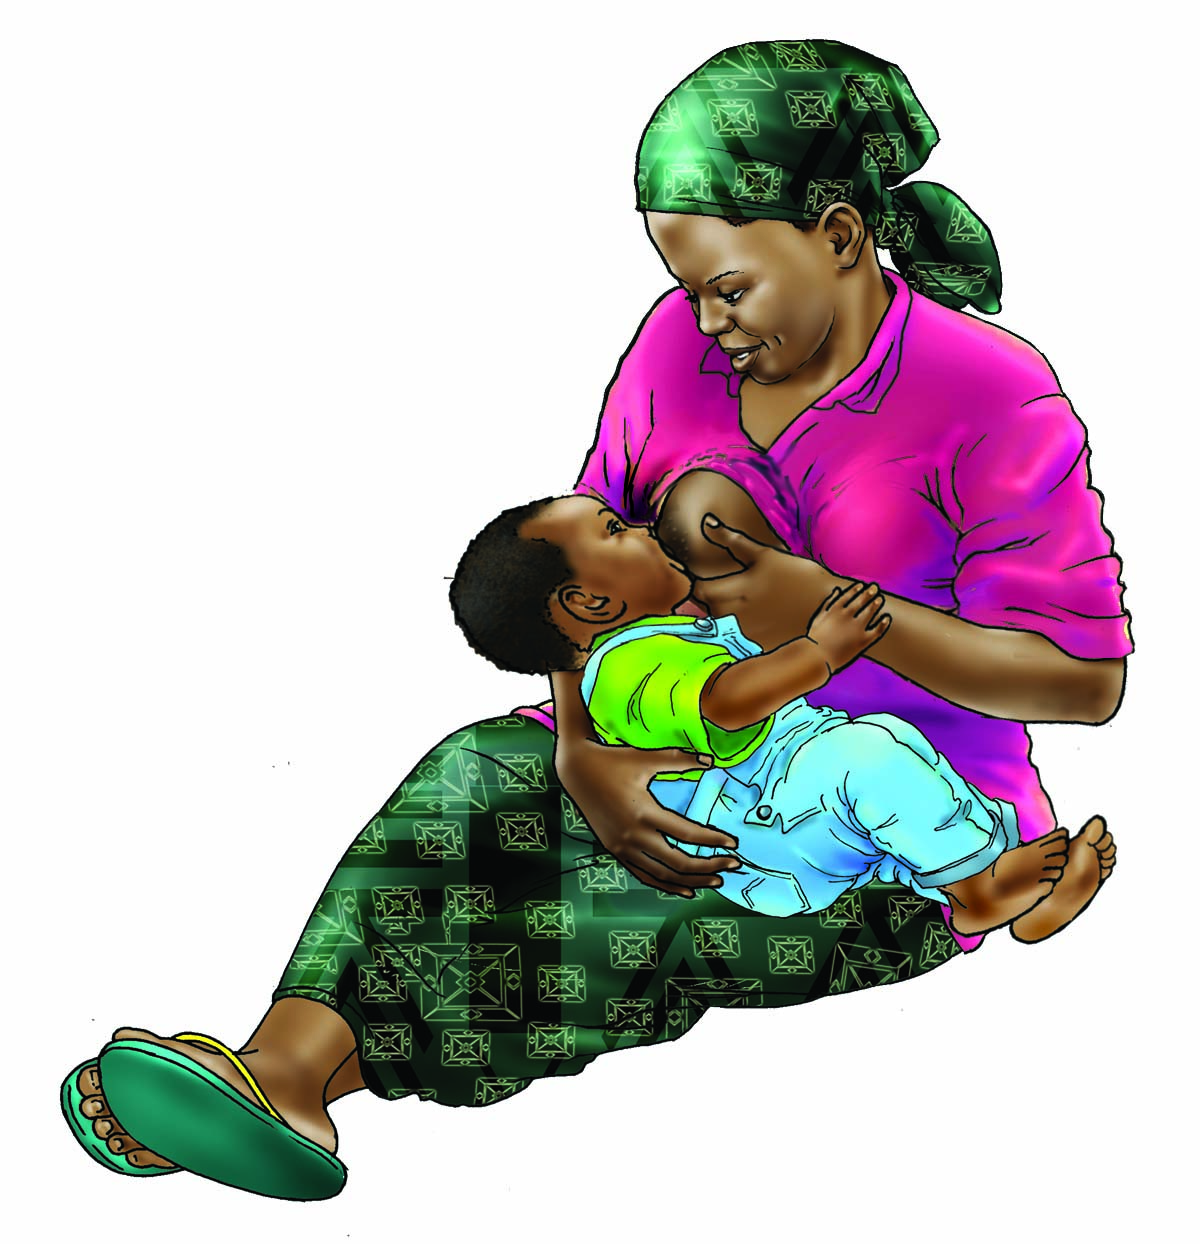 breastfeeding nutrition unicef - HD1200×1244